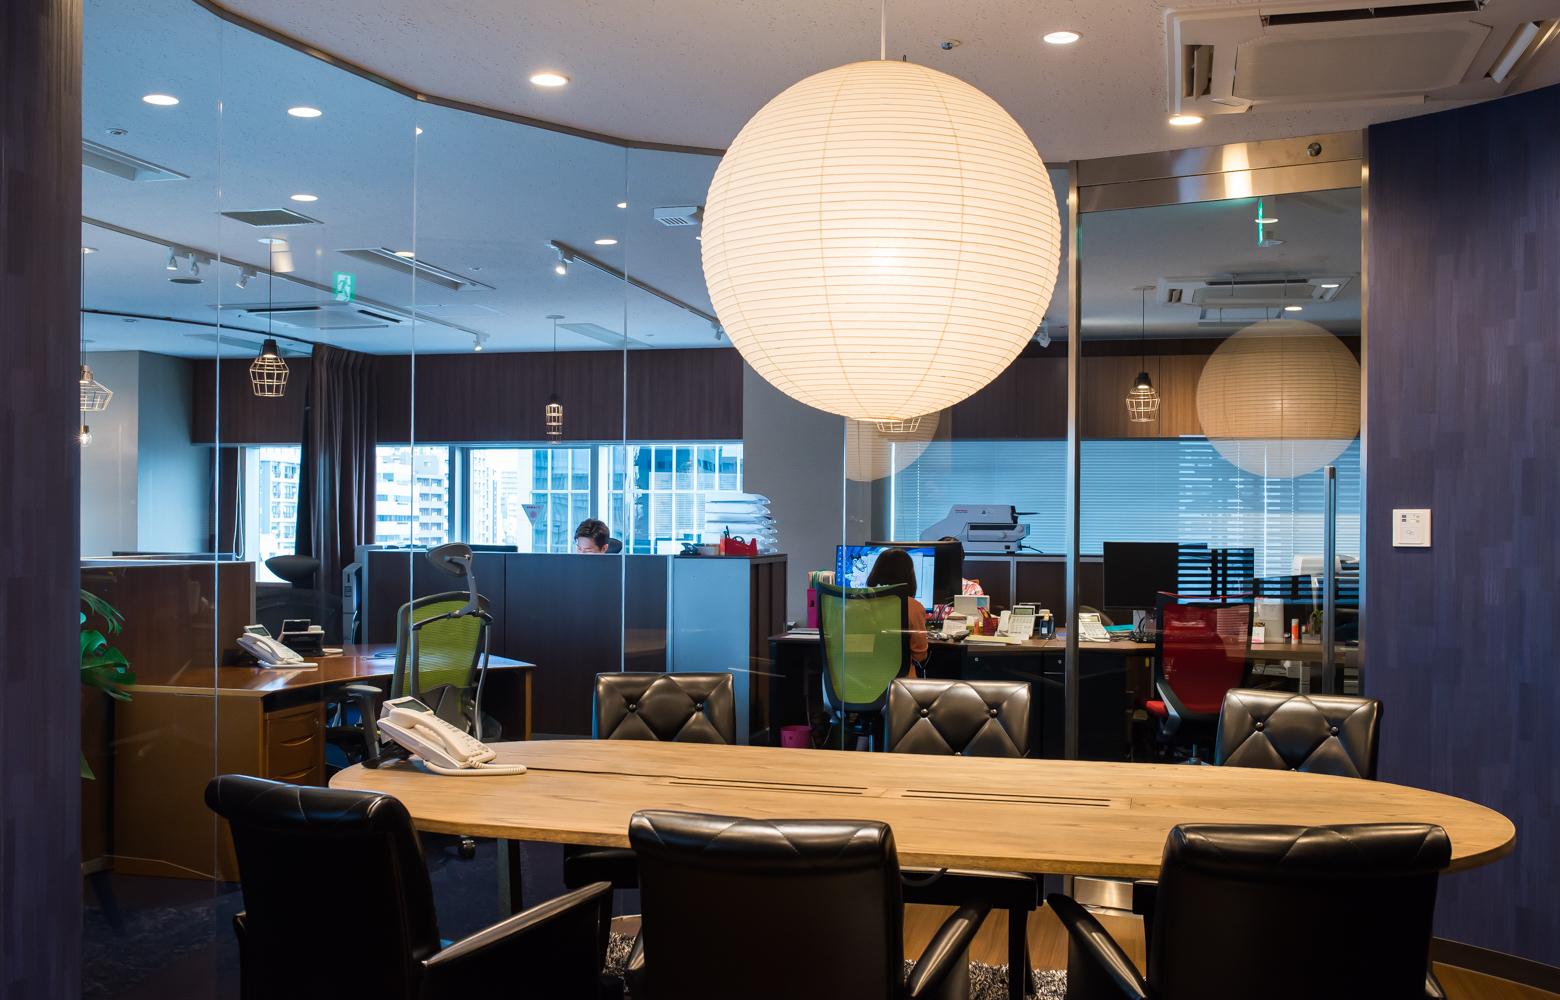 株式会社ファーストアクセス Meeting Room_2 デザイン・レイアウト事例